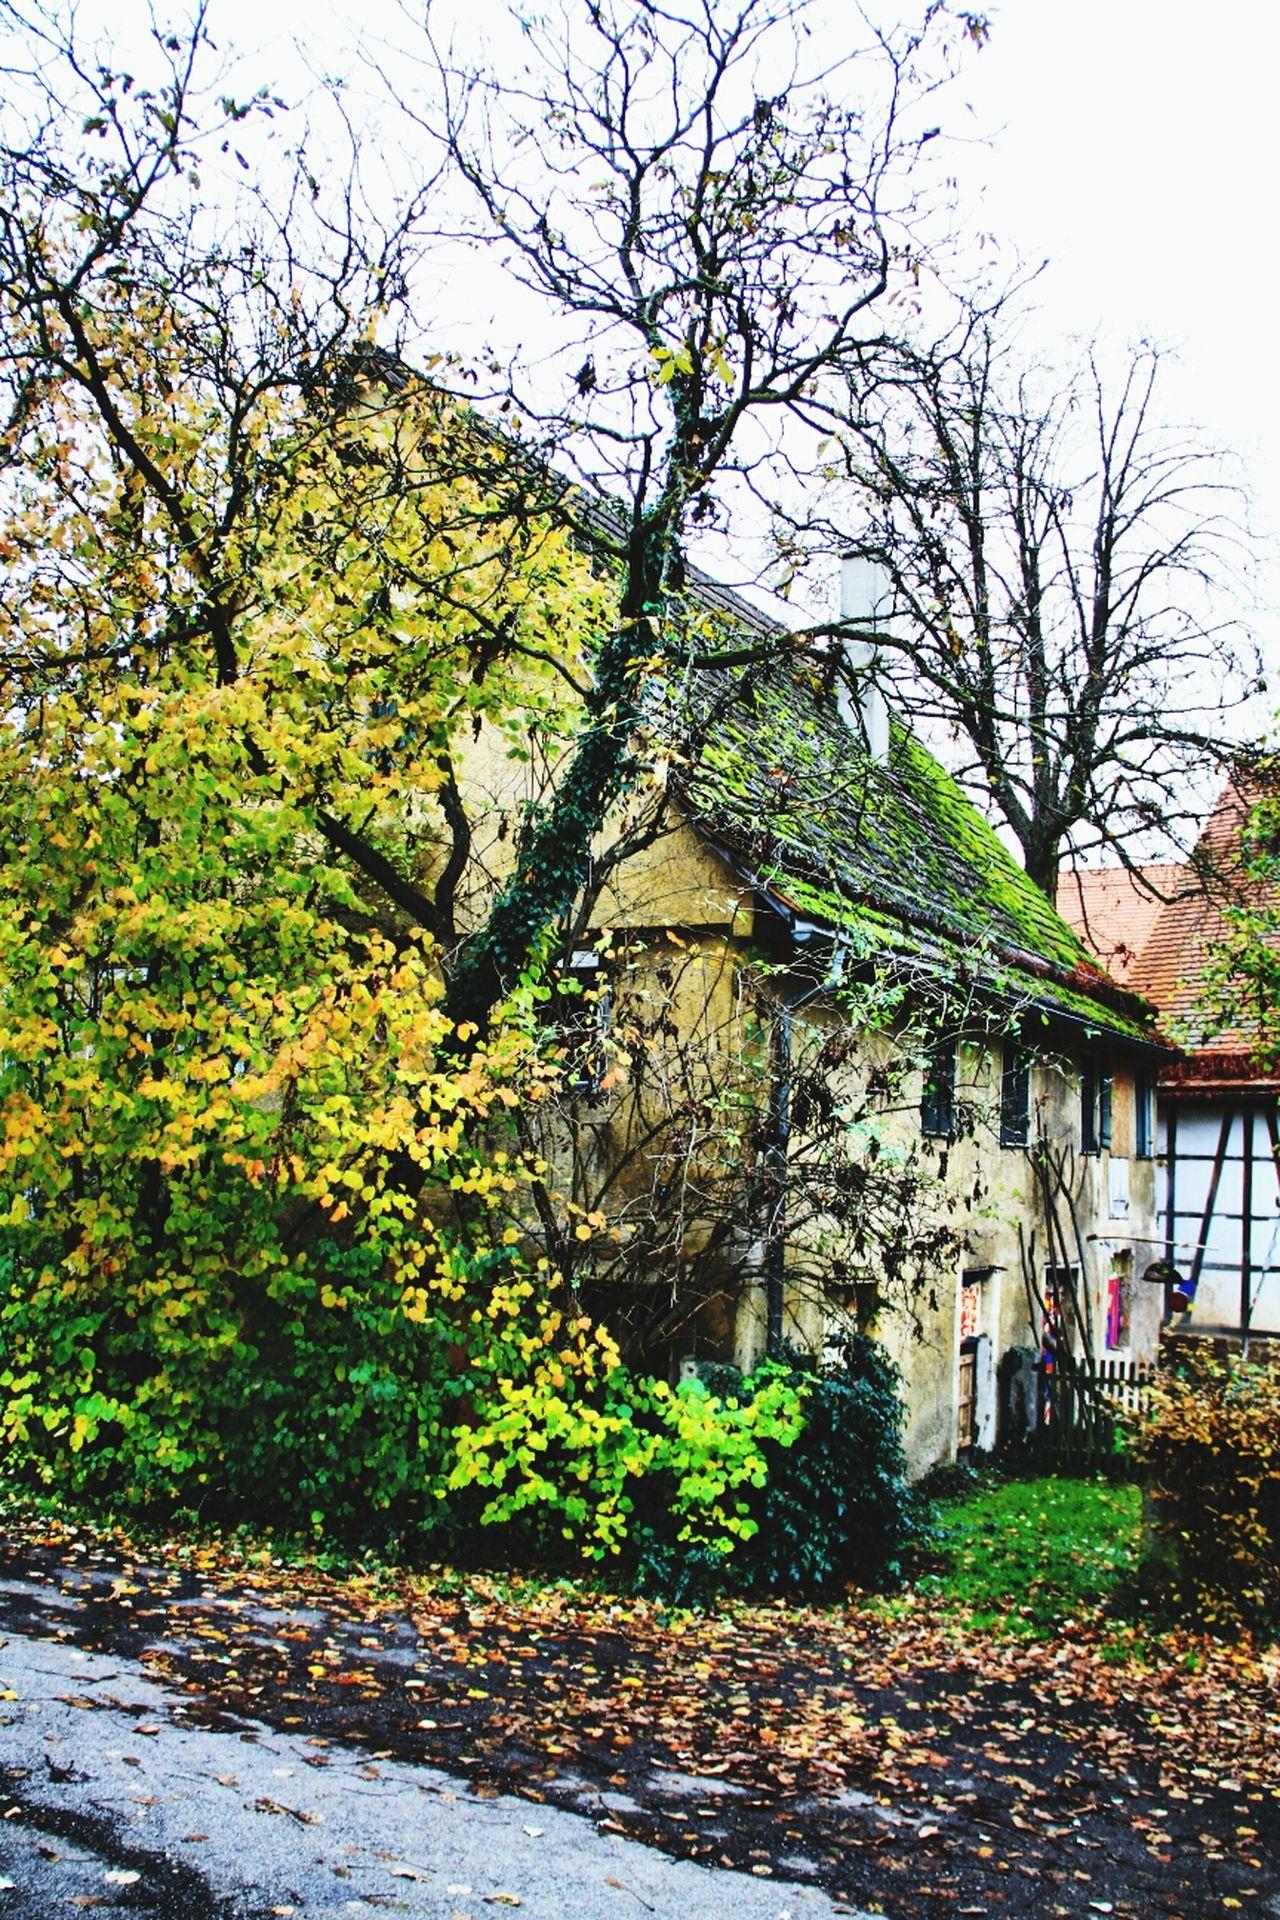 Tübingen Derendingen EyeEm Best Shots - Architecture Old House